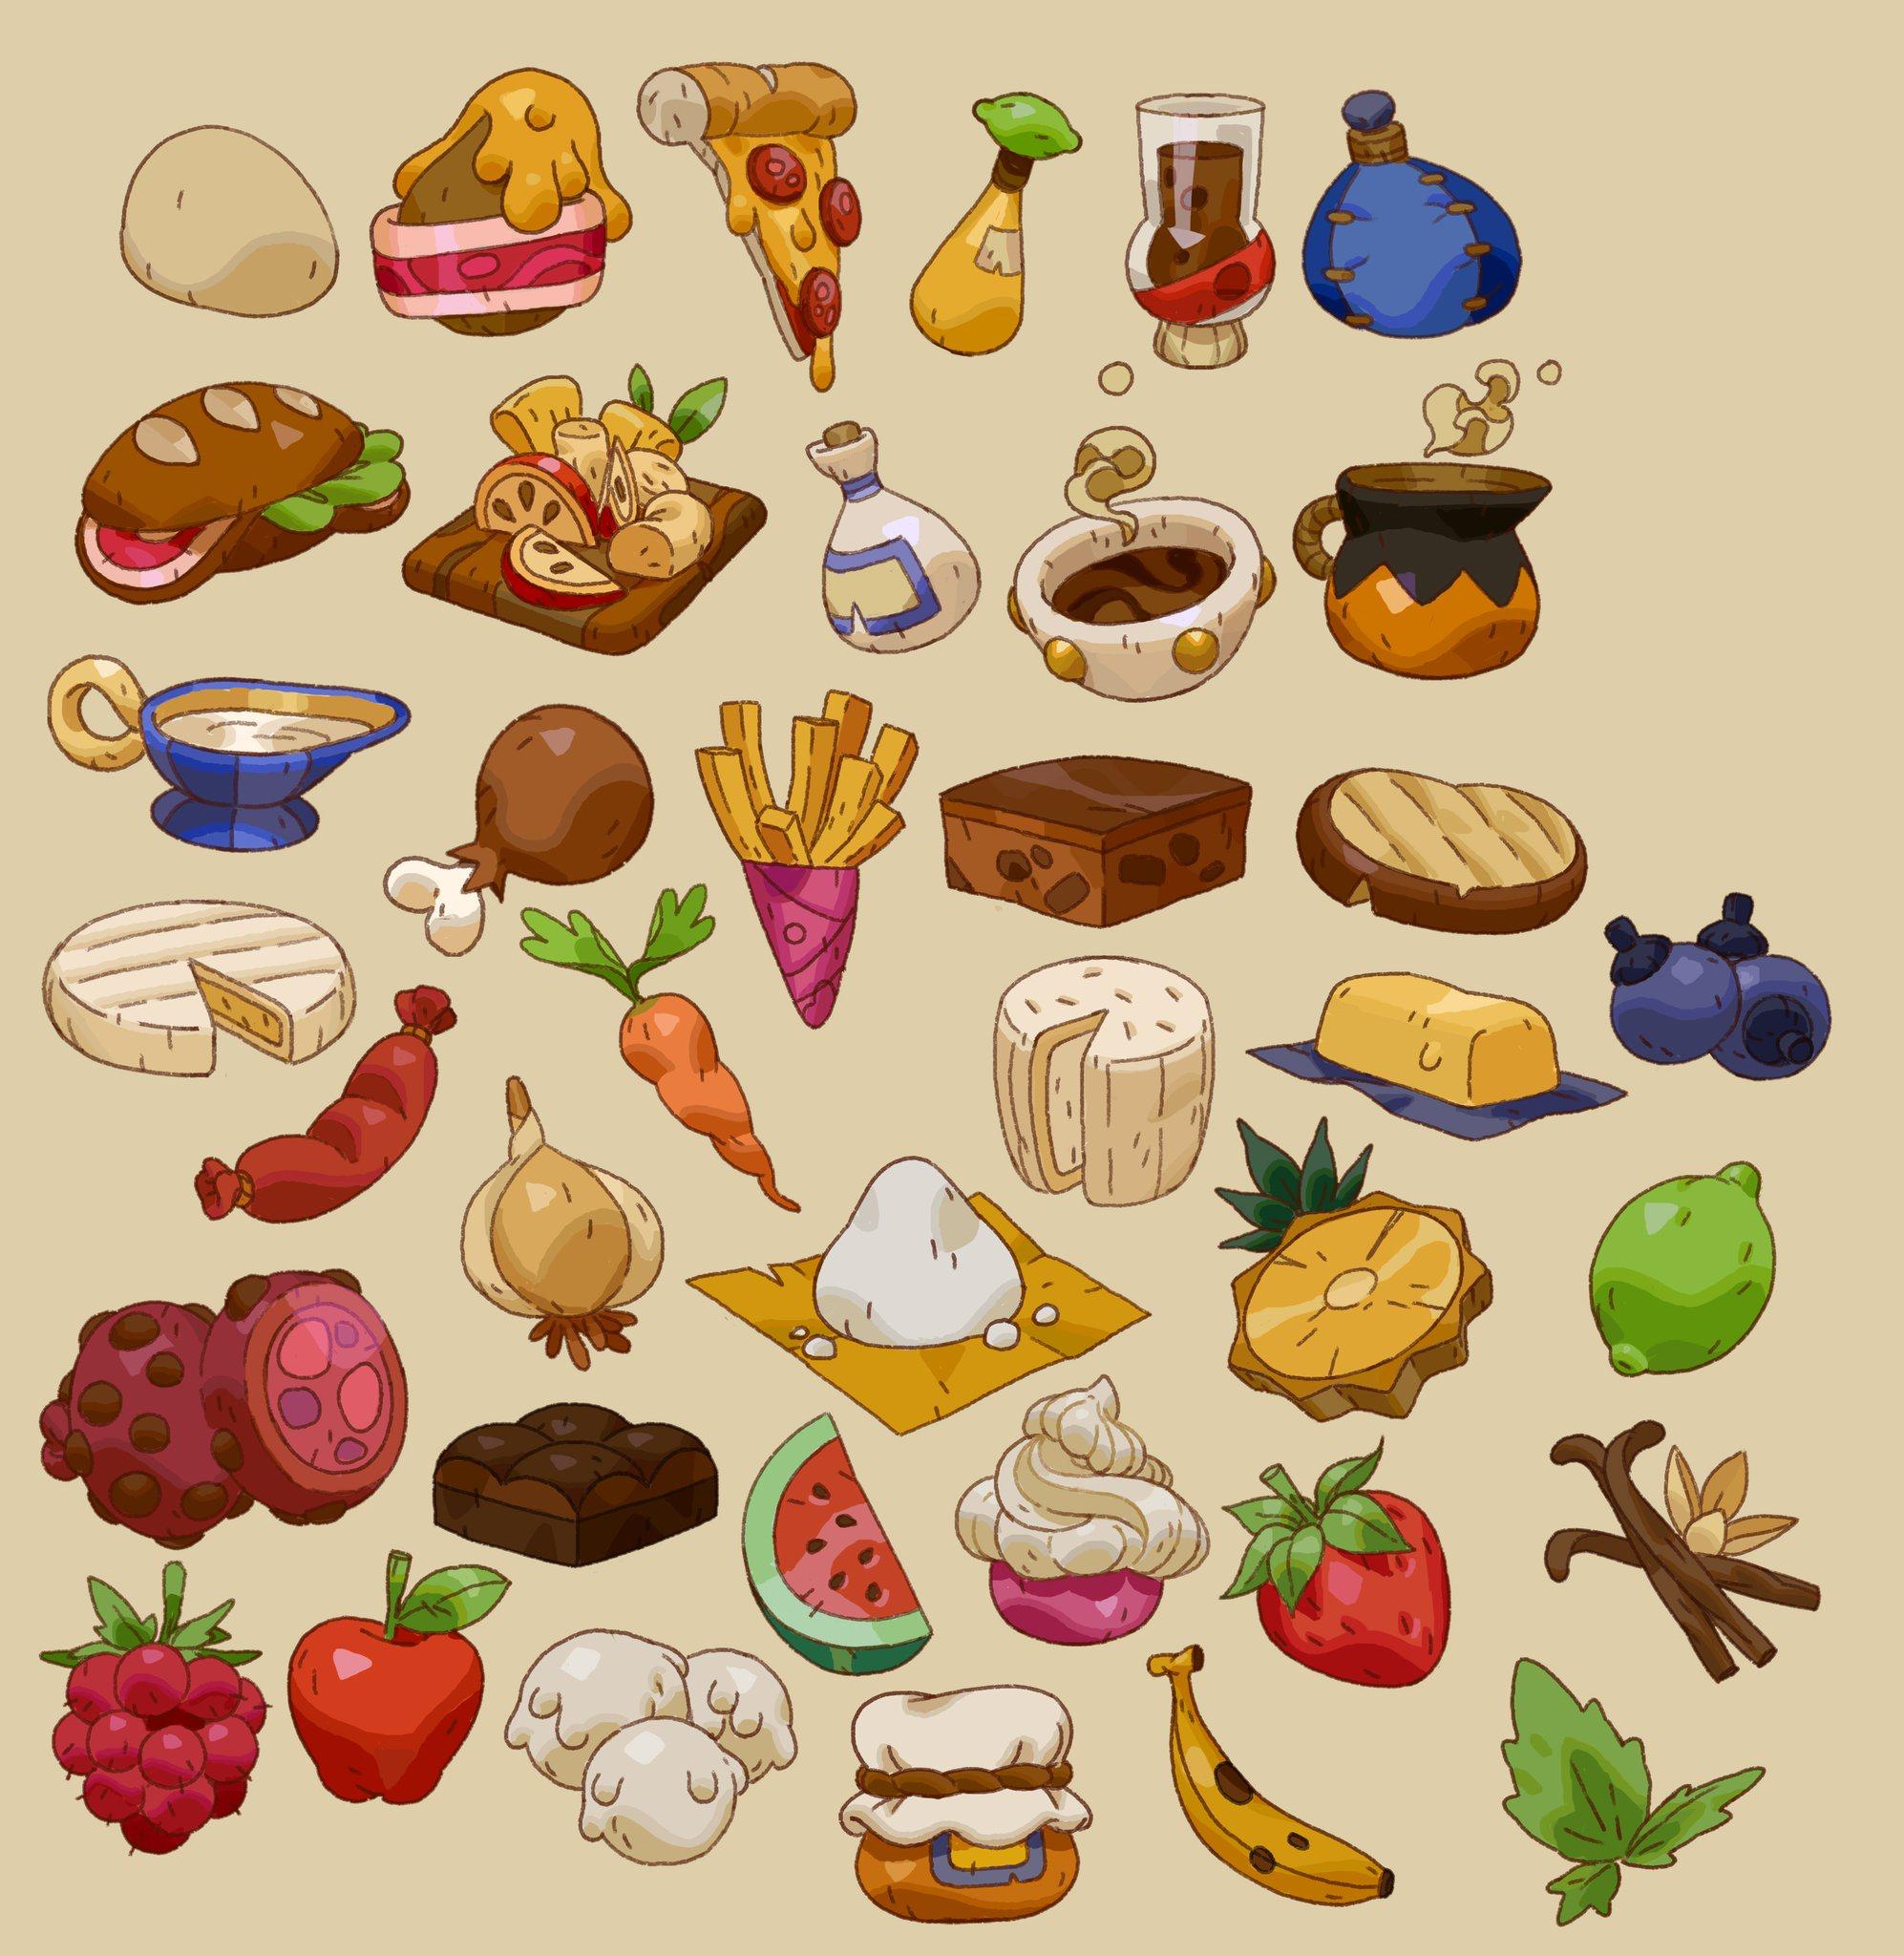 Нарисованные картинки продукты